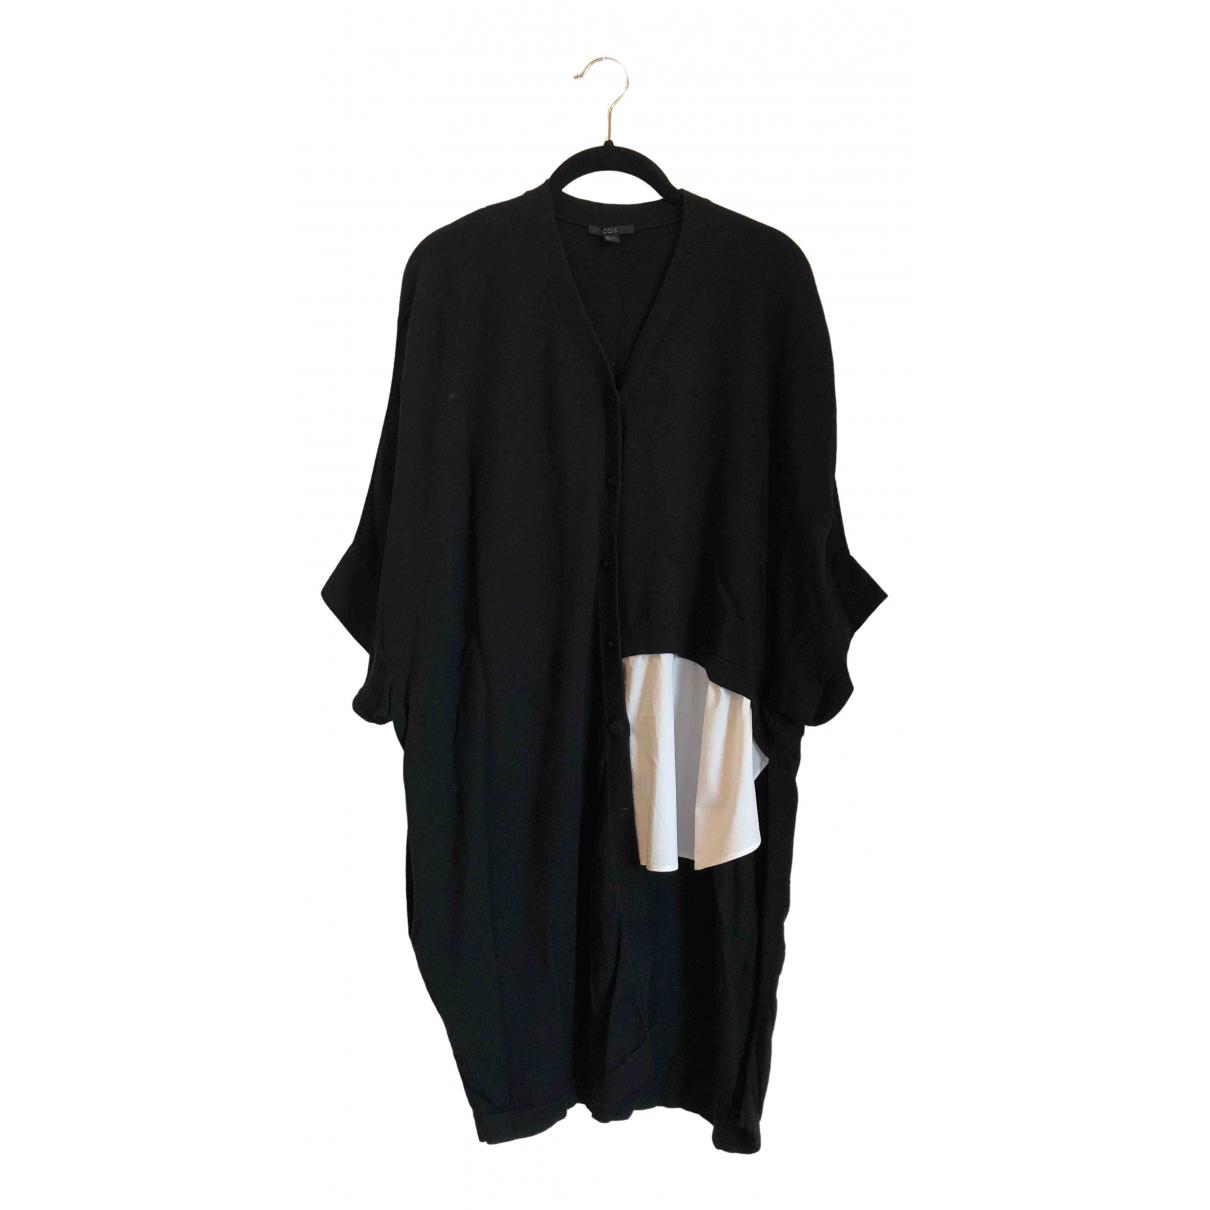 Cos \N Black Wool Knitwear for Women S International